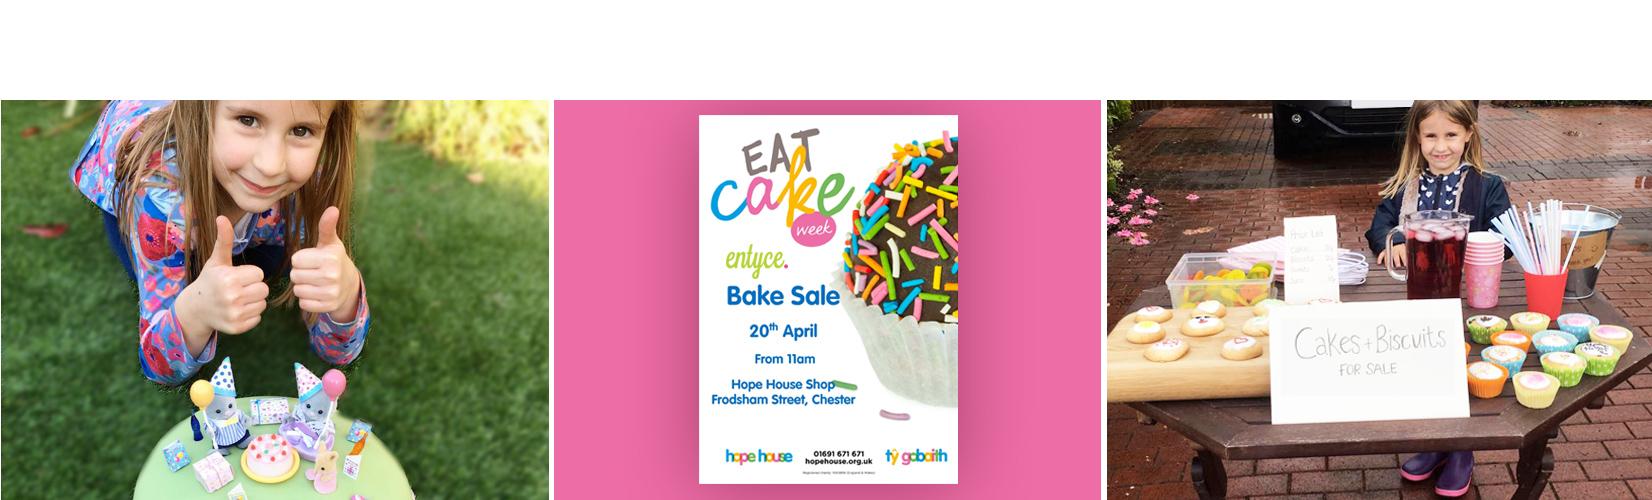 Lauren's Bake Sale for Hope House